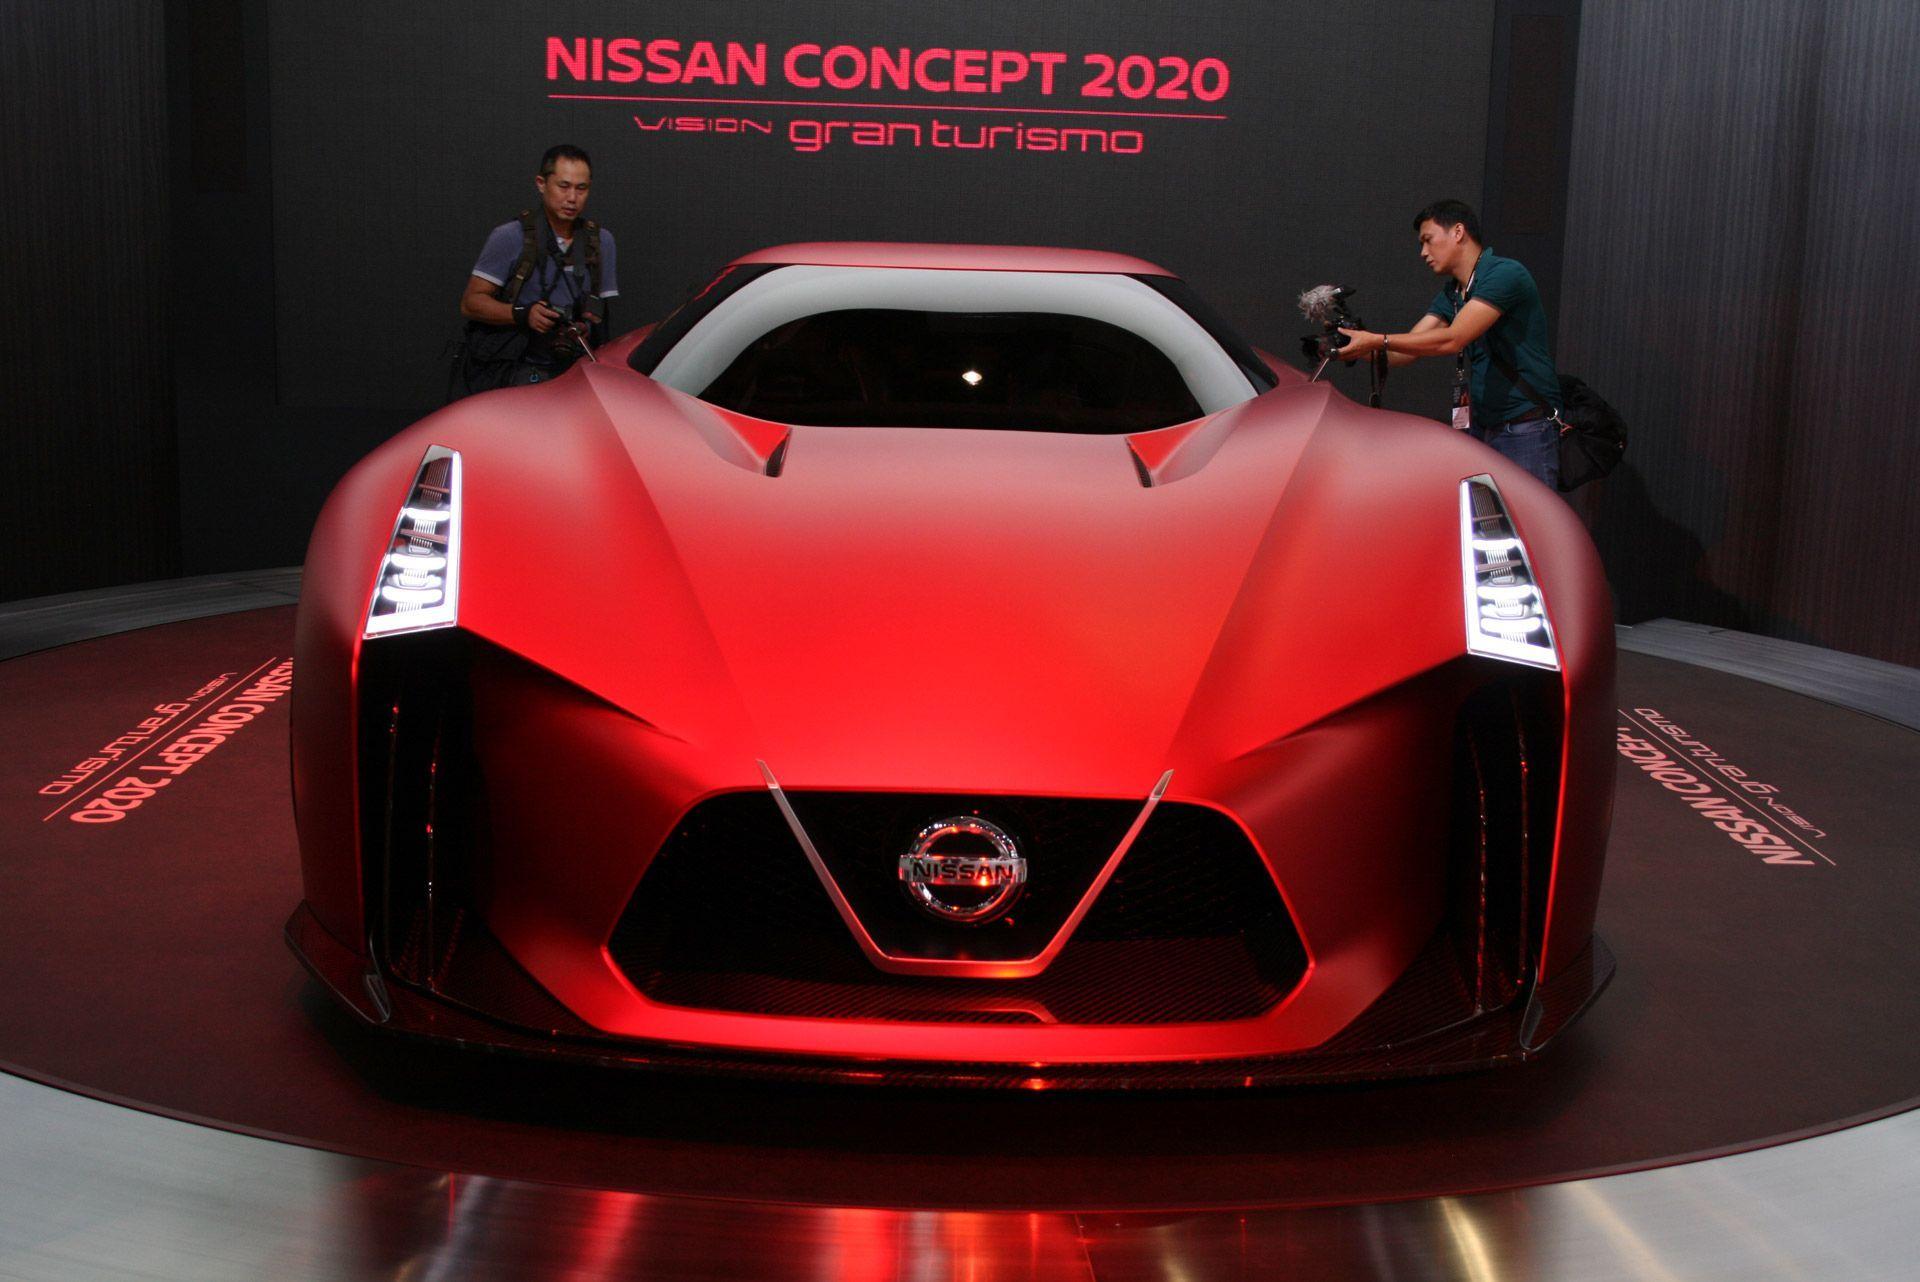 Nissan Concept 2020 Suv Concept Concept Nissan Suv En 2020 Autos Deportivos Coches